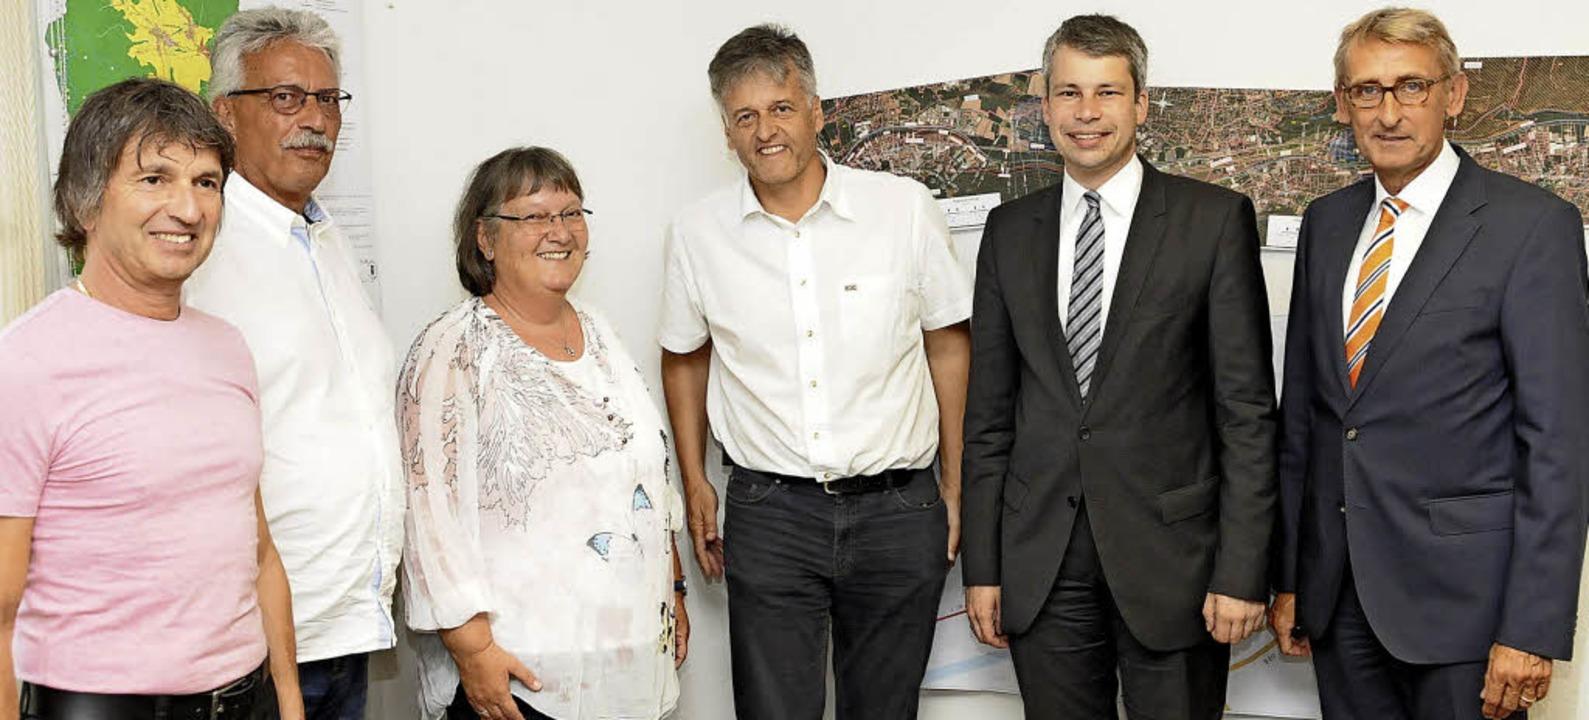 Verkehrsgespräch in Steinen: Gemeinder...ten Steffen Bilger und Armin Schuster.  | Foto: Meyer/Robert Bergmann